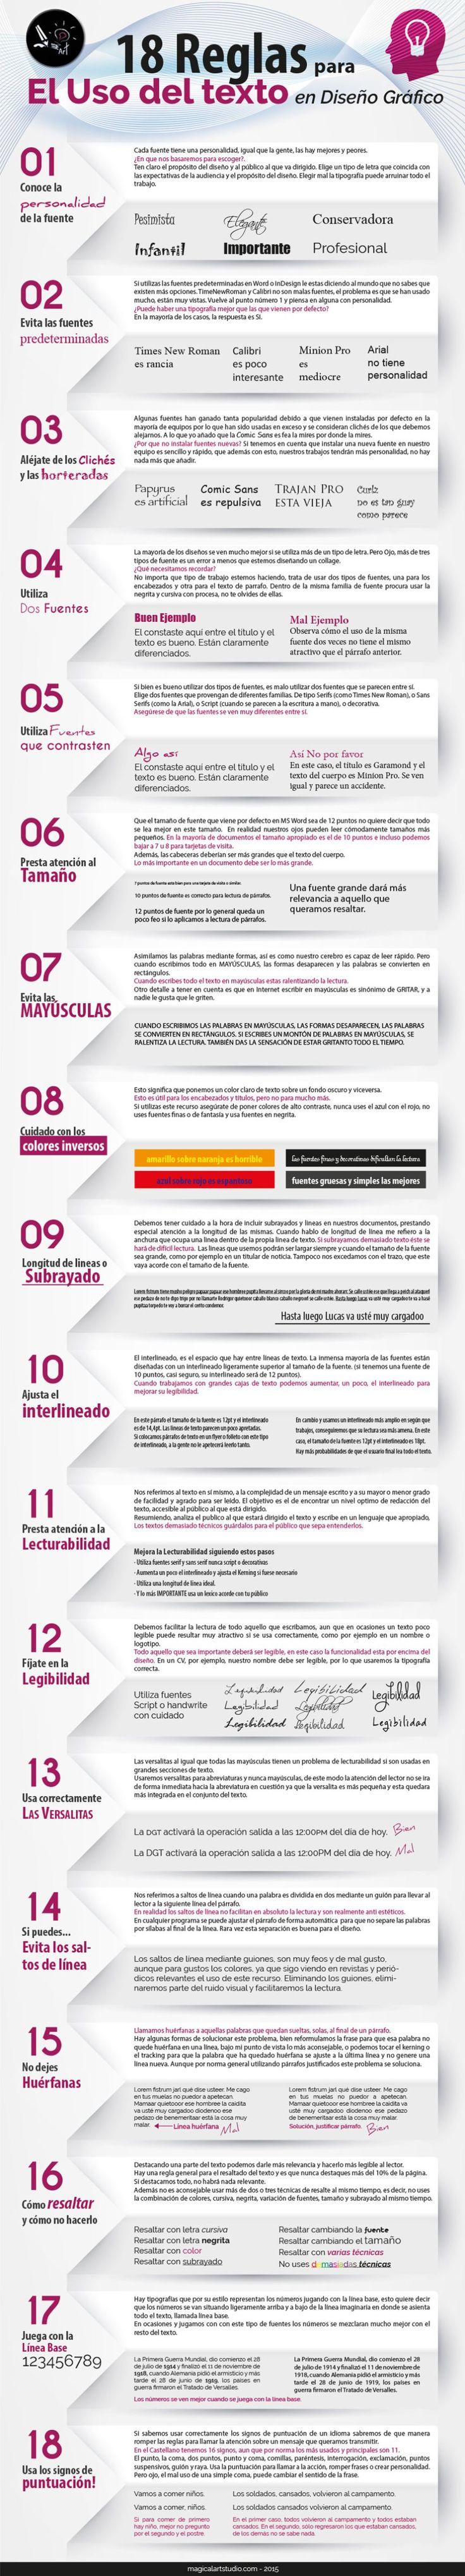 18 reglas para el uso de Texto en Diseño Gráfico #infografia #infographic #design